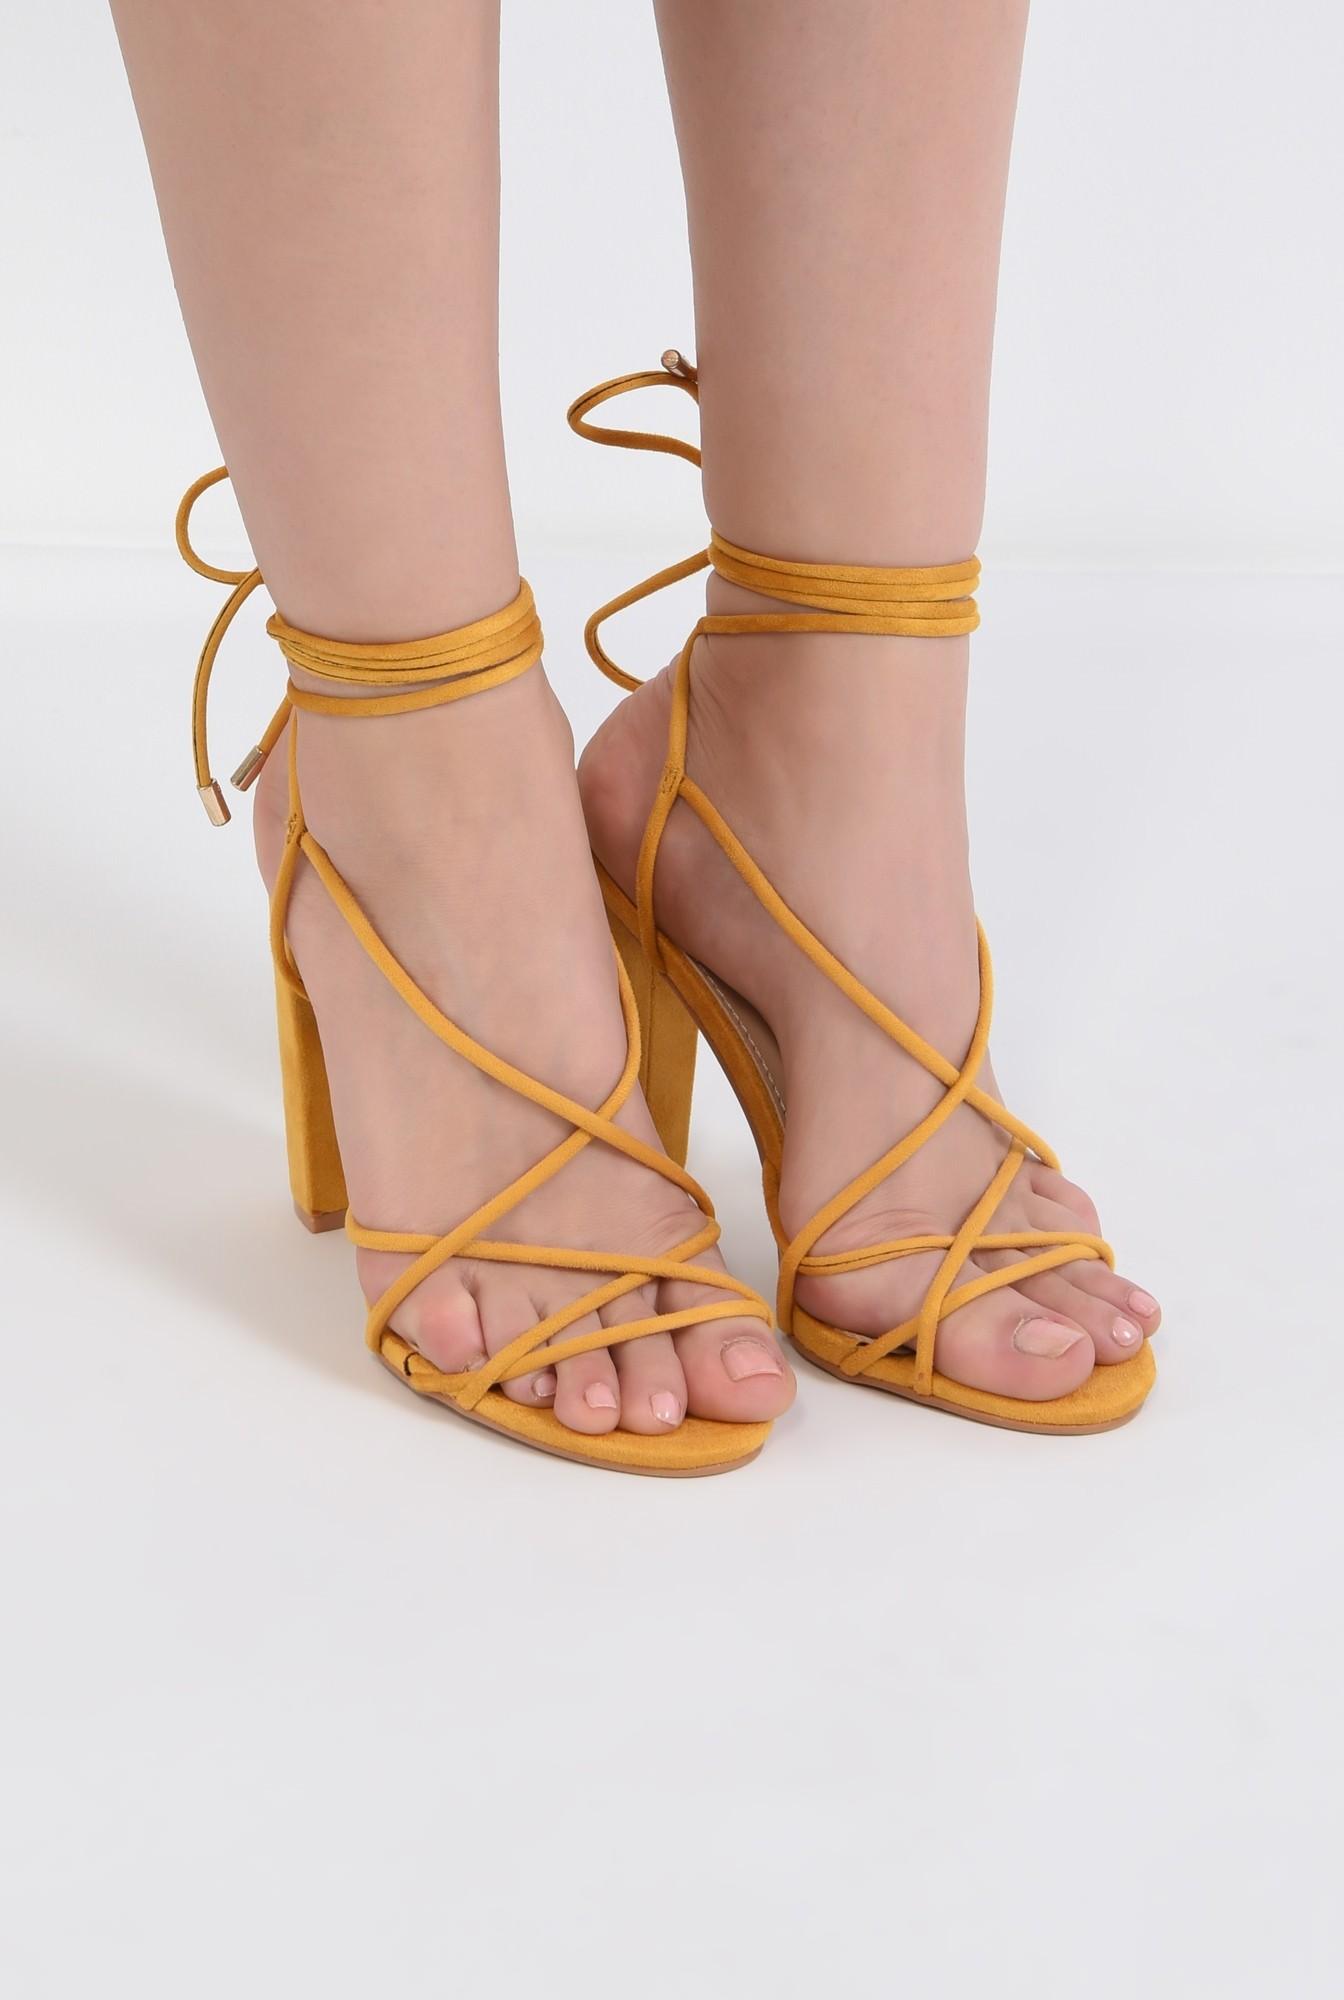 1 - sandale elegante, din velur, mustar, barete tip snur